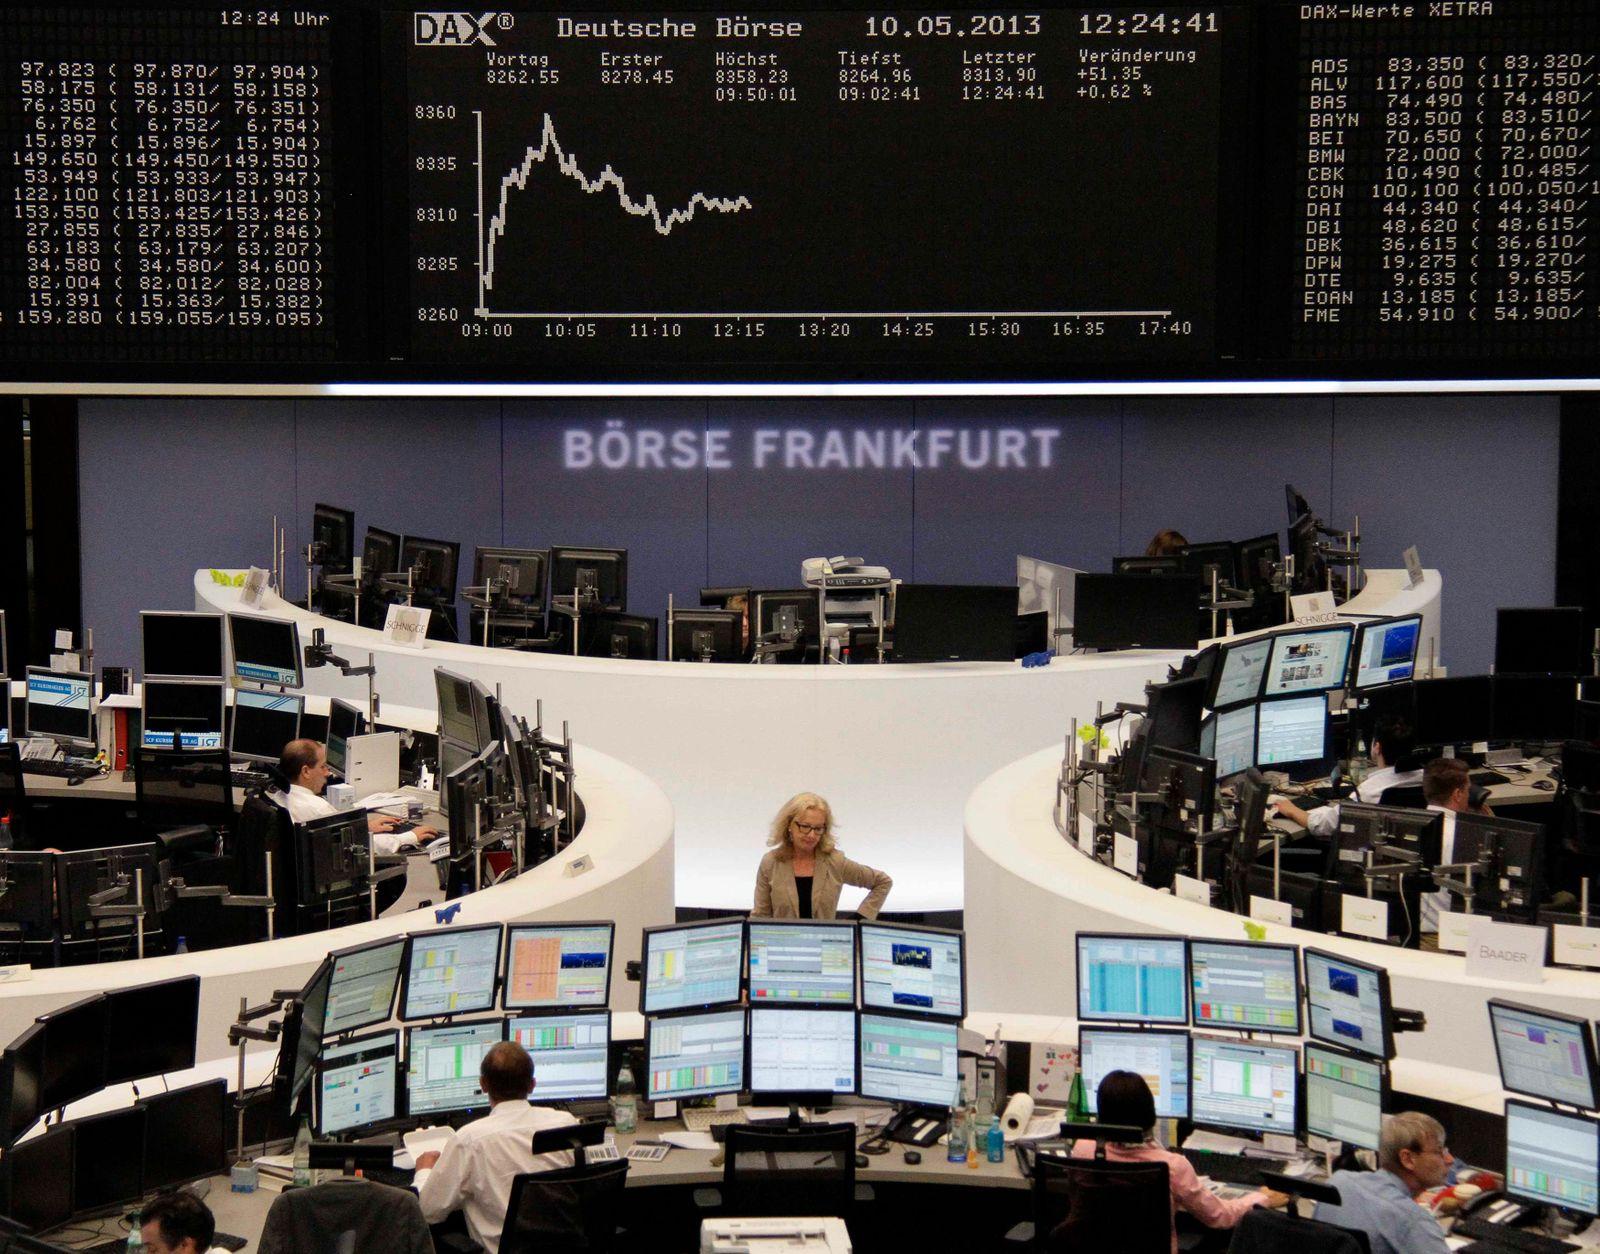 Börse / Frankfurt / DAX neutral